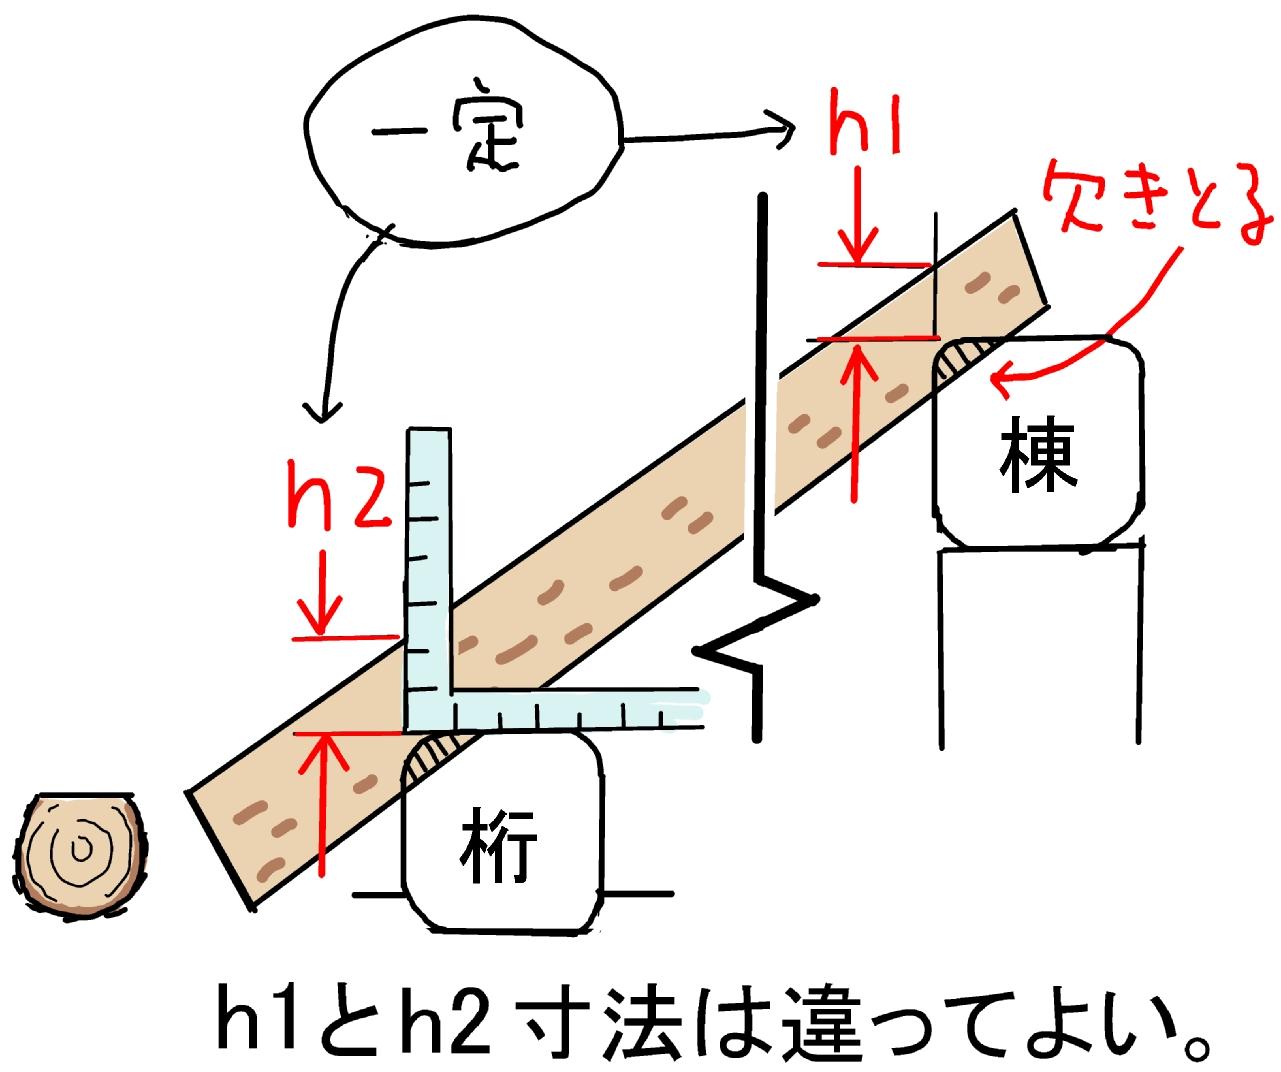 ブログ21ソロー23